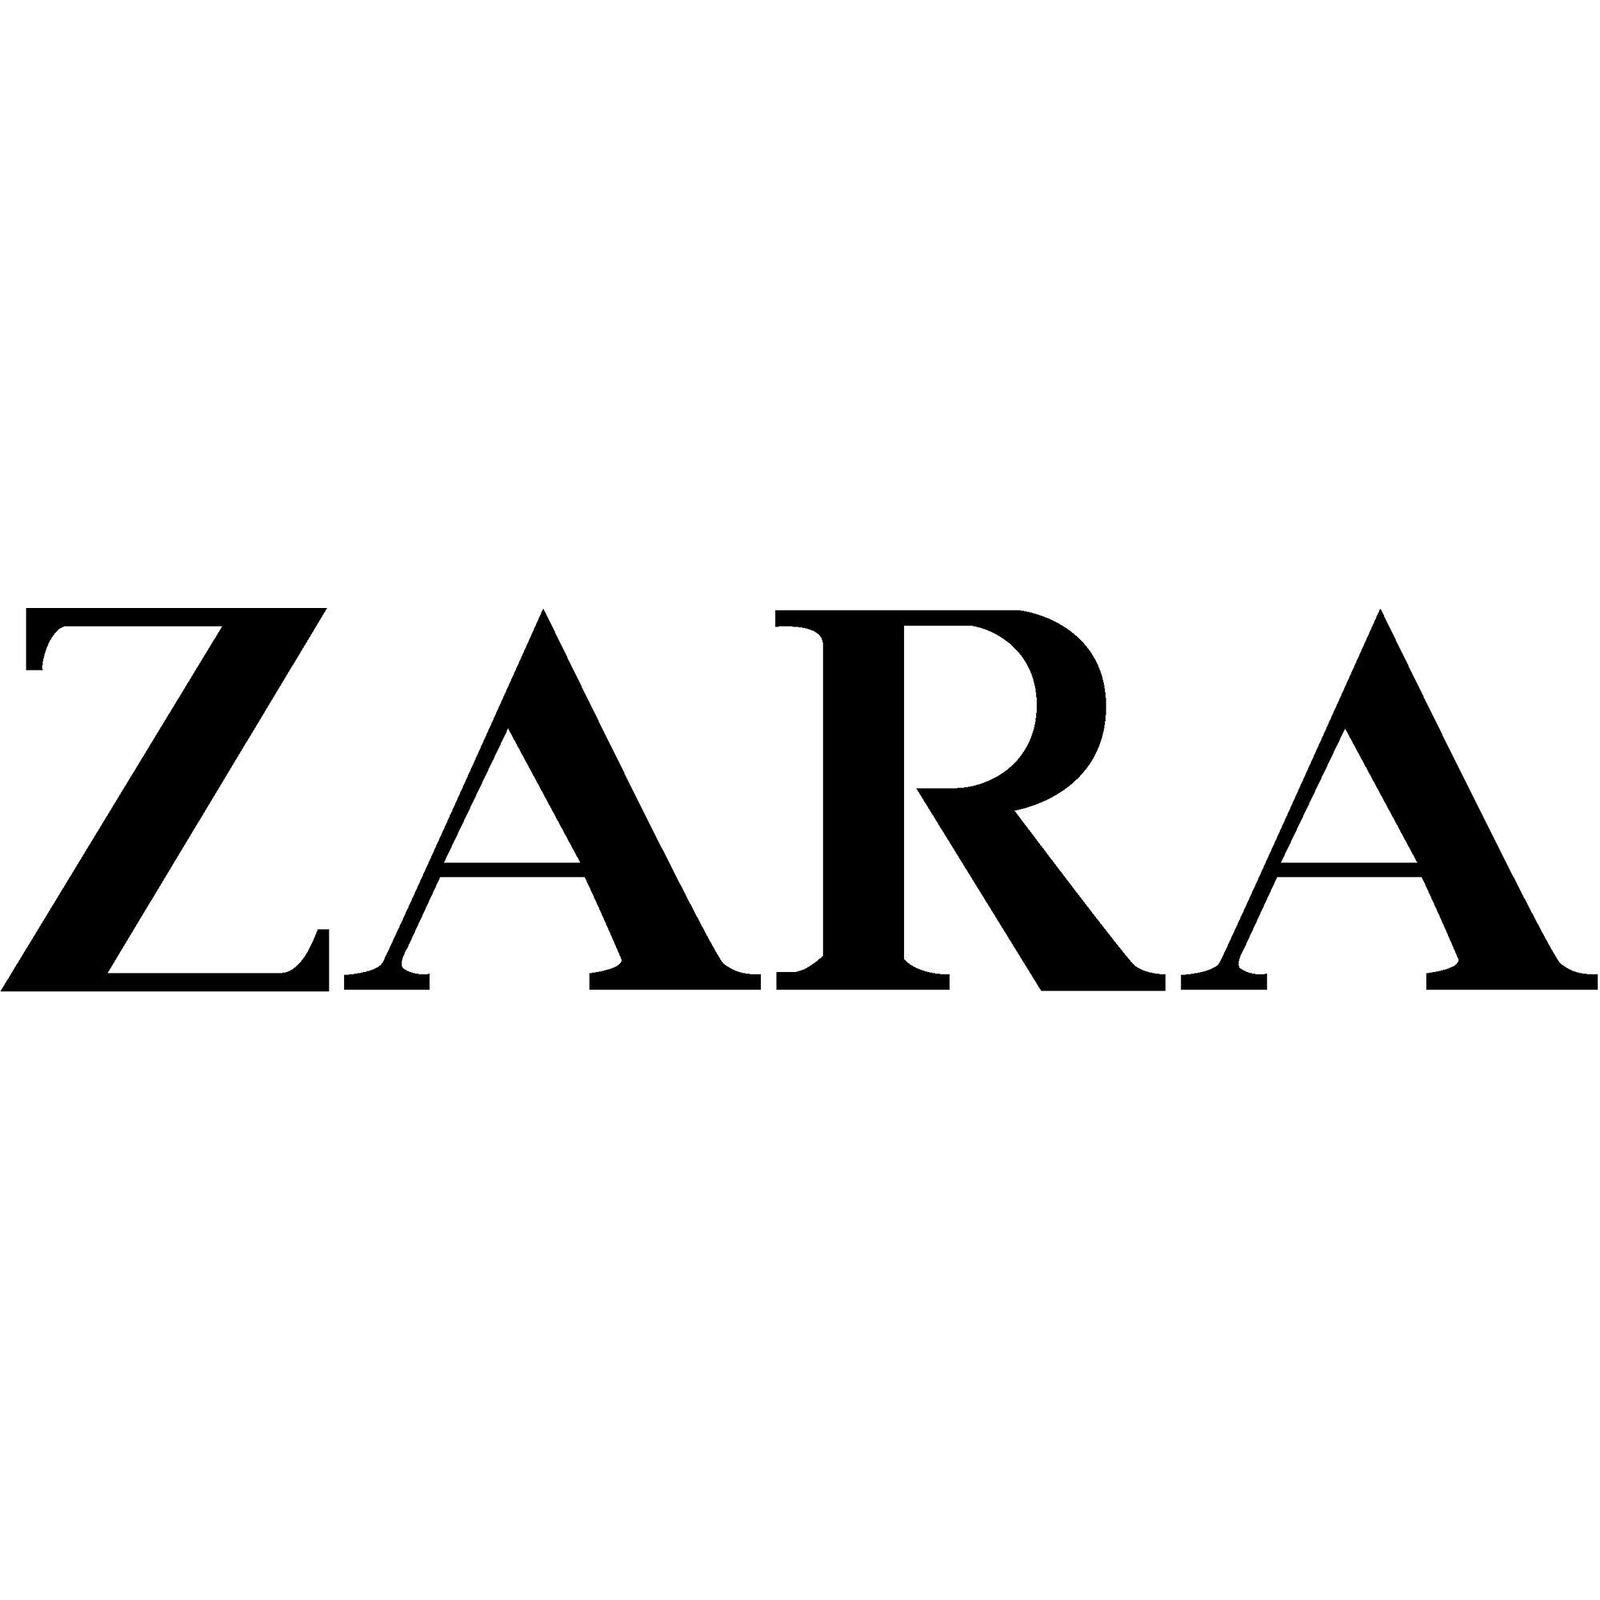 ZARA (Bild 1)